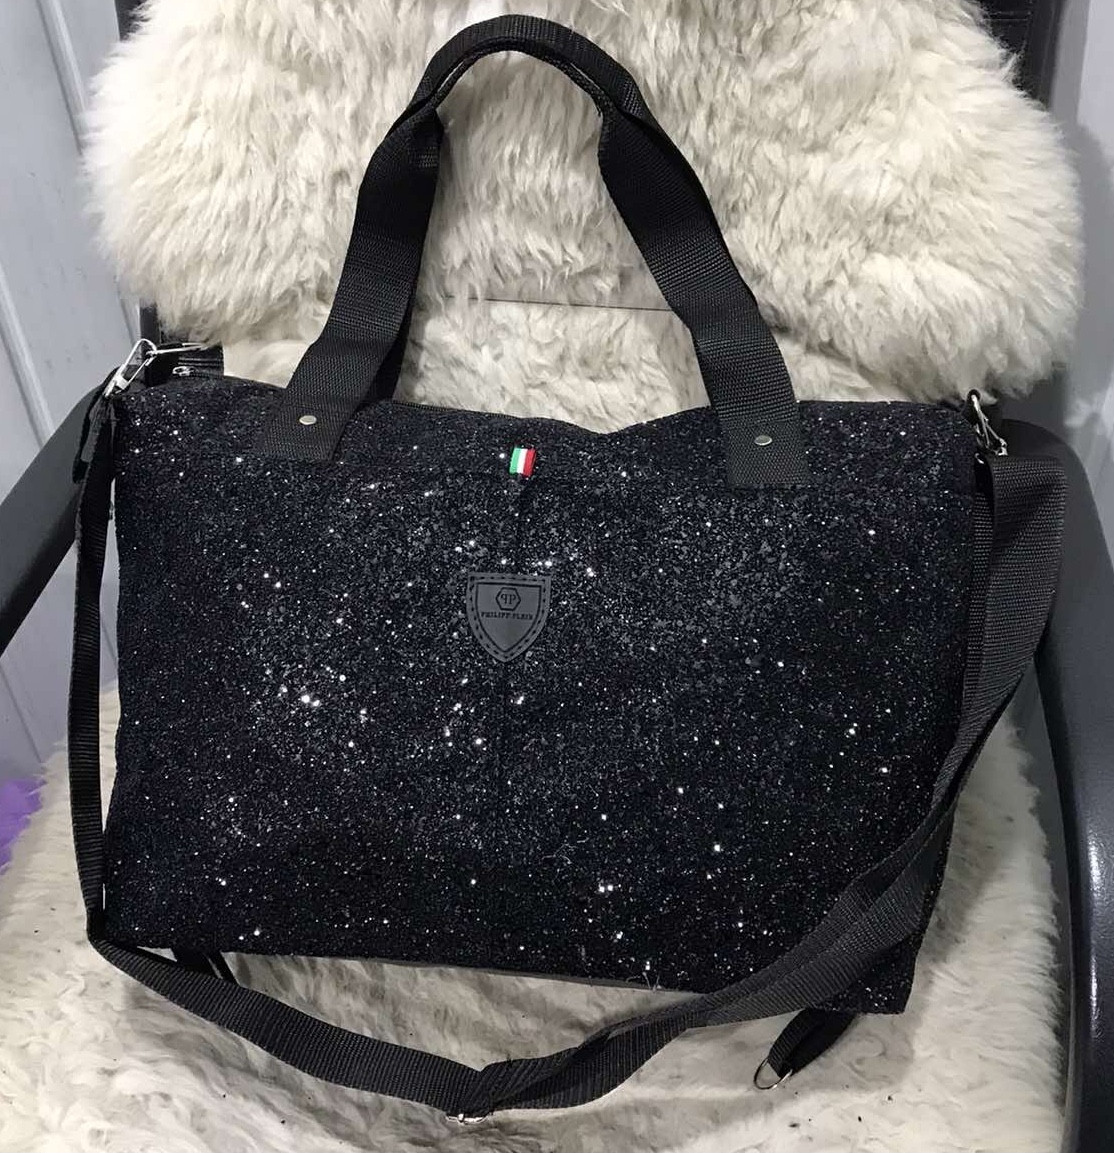 Жіноча дорожня сумка штучна шкіра чорна